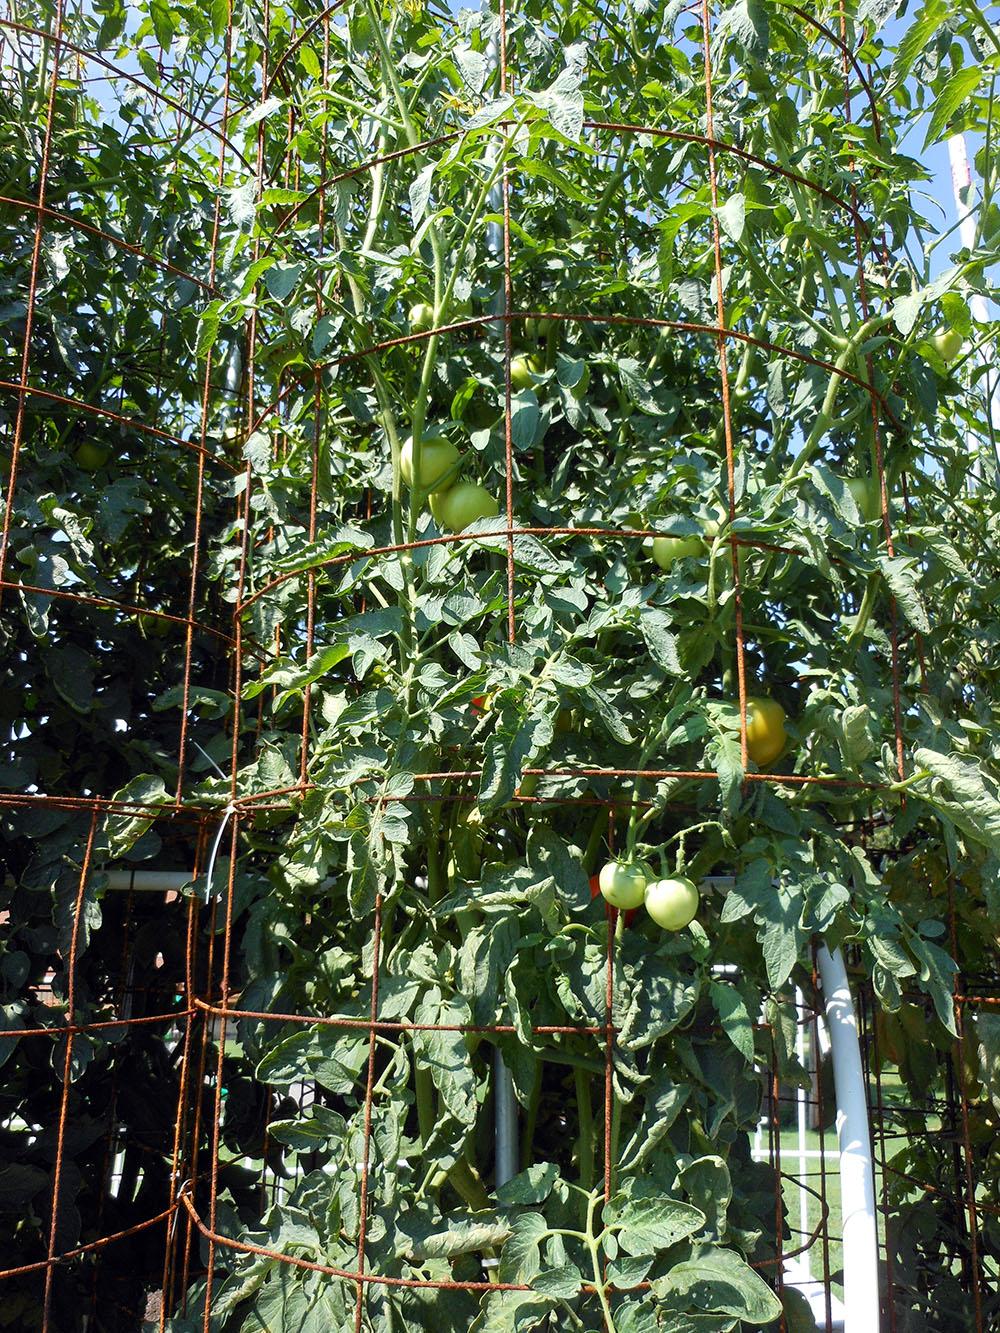 07-30-2016-Tomato-Plants-St-Pauls-S-09